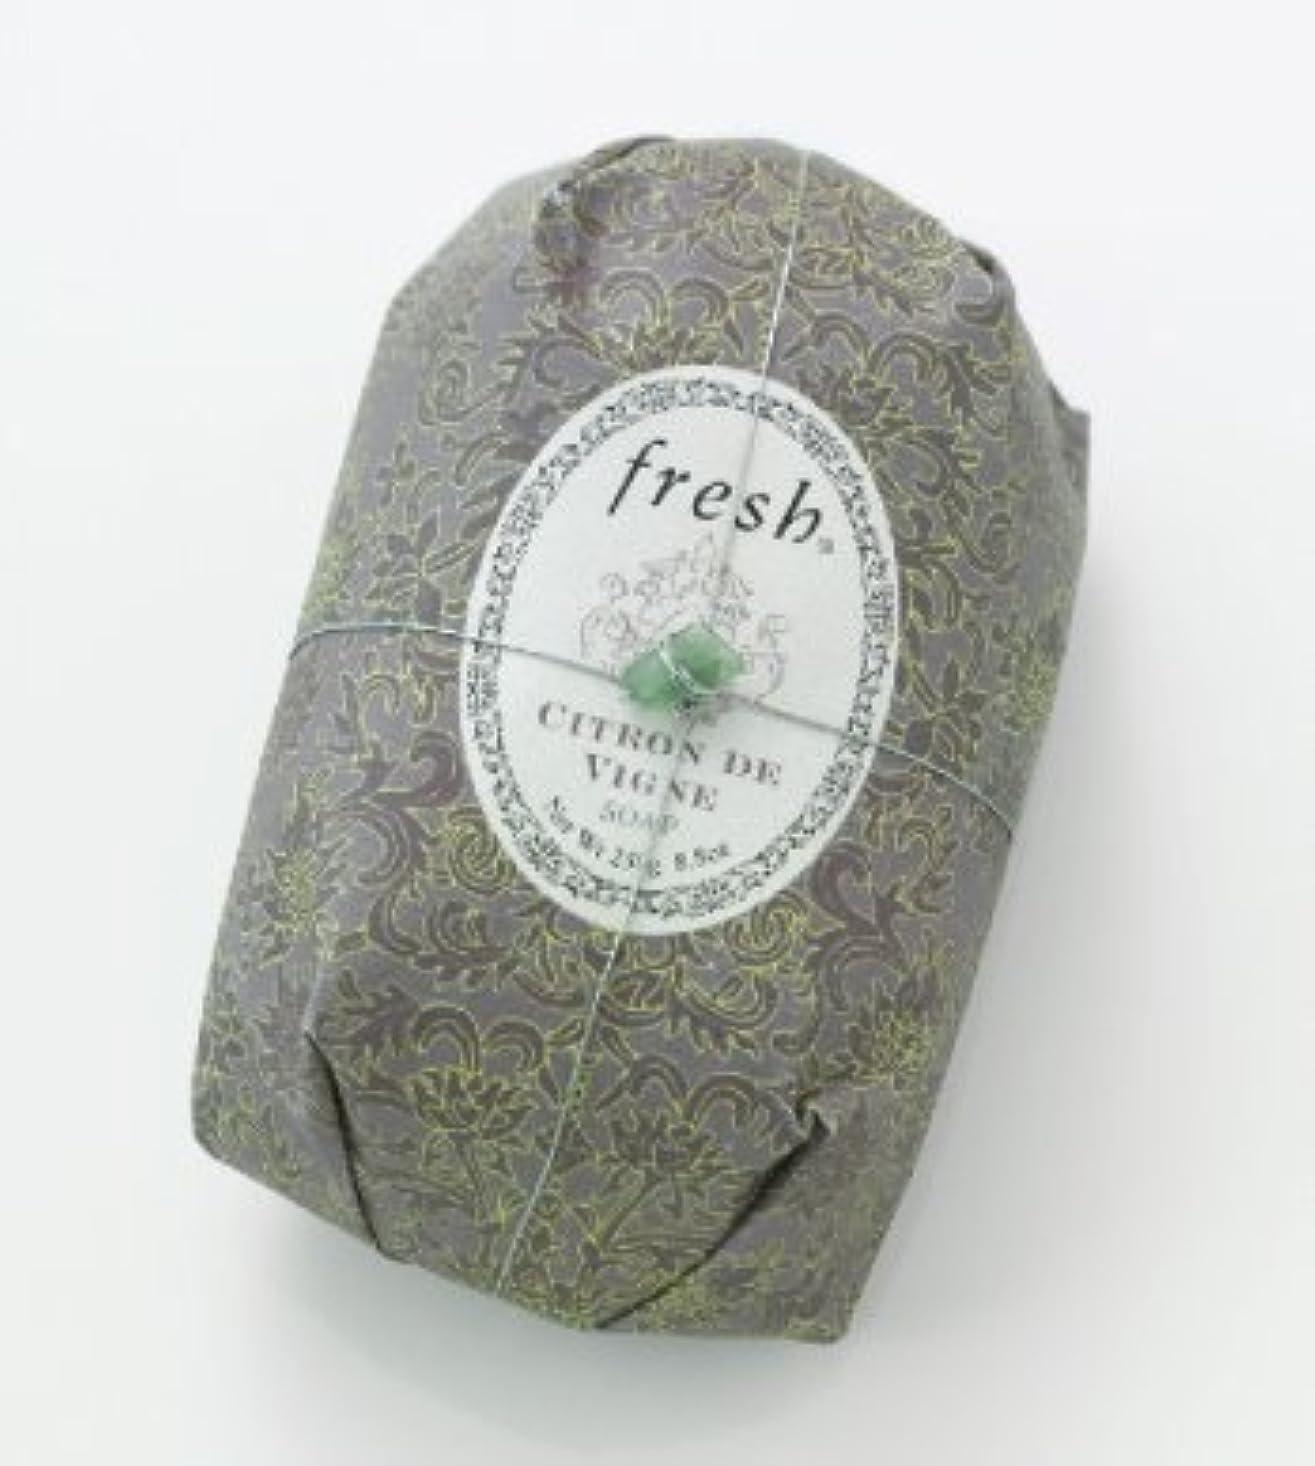 ジャニス最大化する連帯Fresh CITRON DE VIGNE SOAP (フレッシュ シトロンデヴァイン ソープ) 8.8 oz (250g) Soap (石鹸) by Fresh